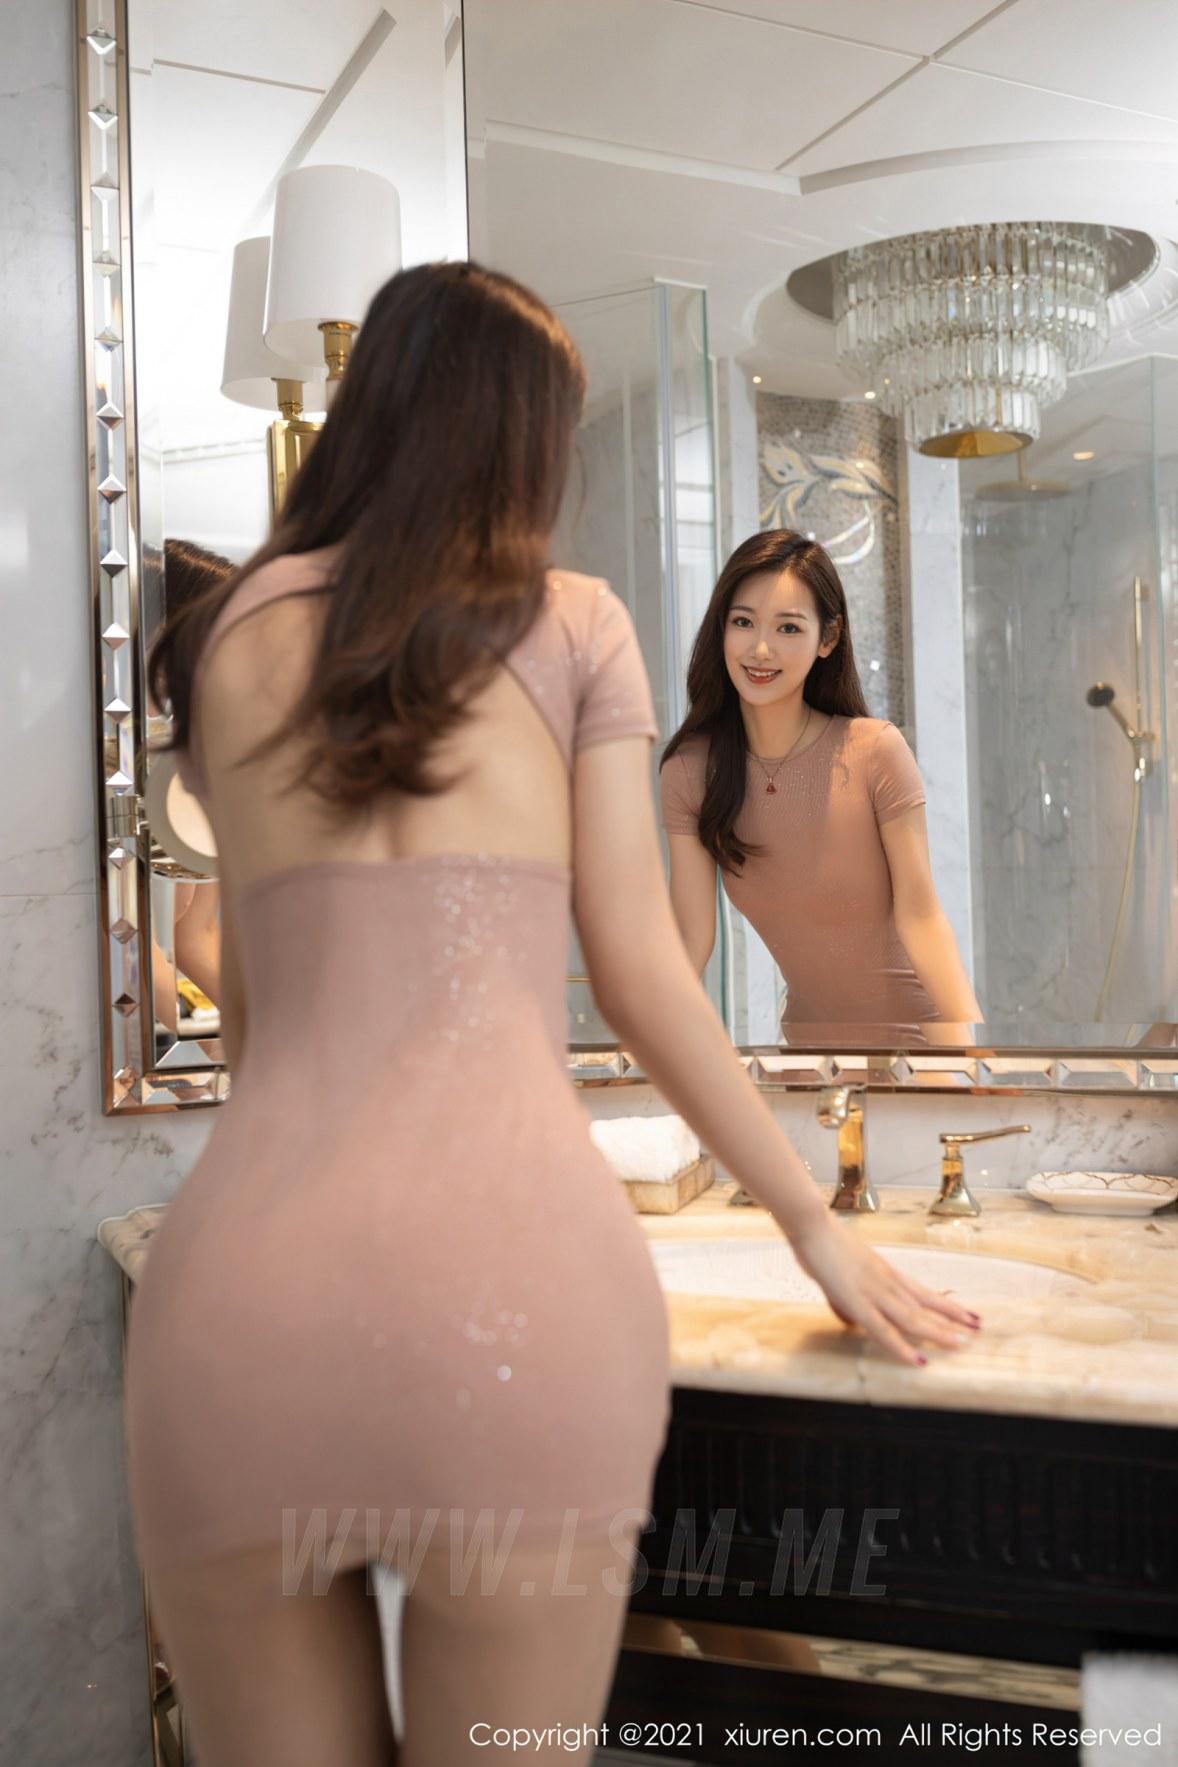 3780 010 atf 3600 5400 - XiuRen 秀人 No.3780 裸色裙主题系列 唐安琪 澳门旅拍写真22 - 秀人网 -【免费在线写真】【丽人丝语】